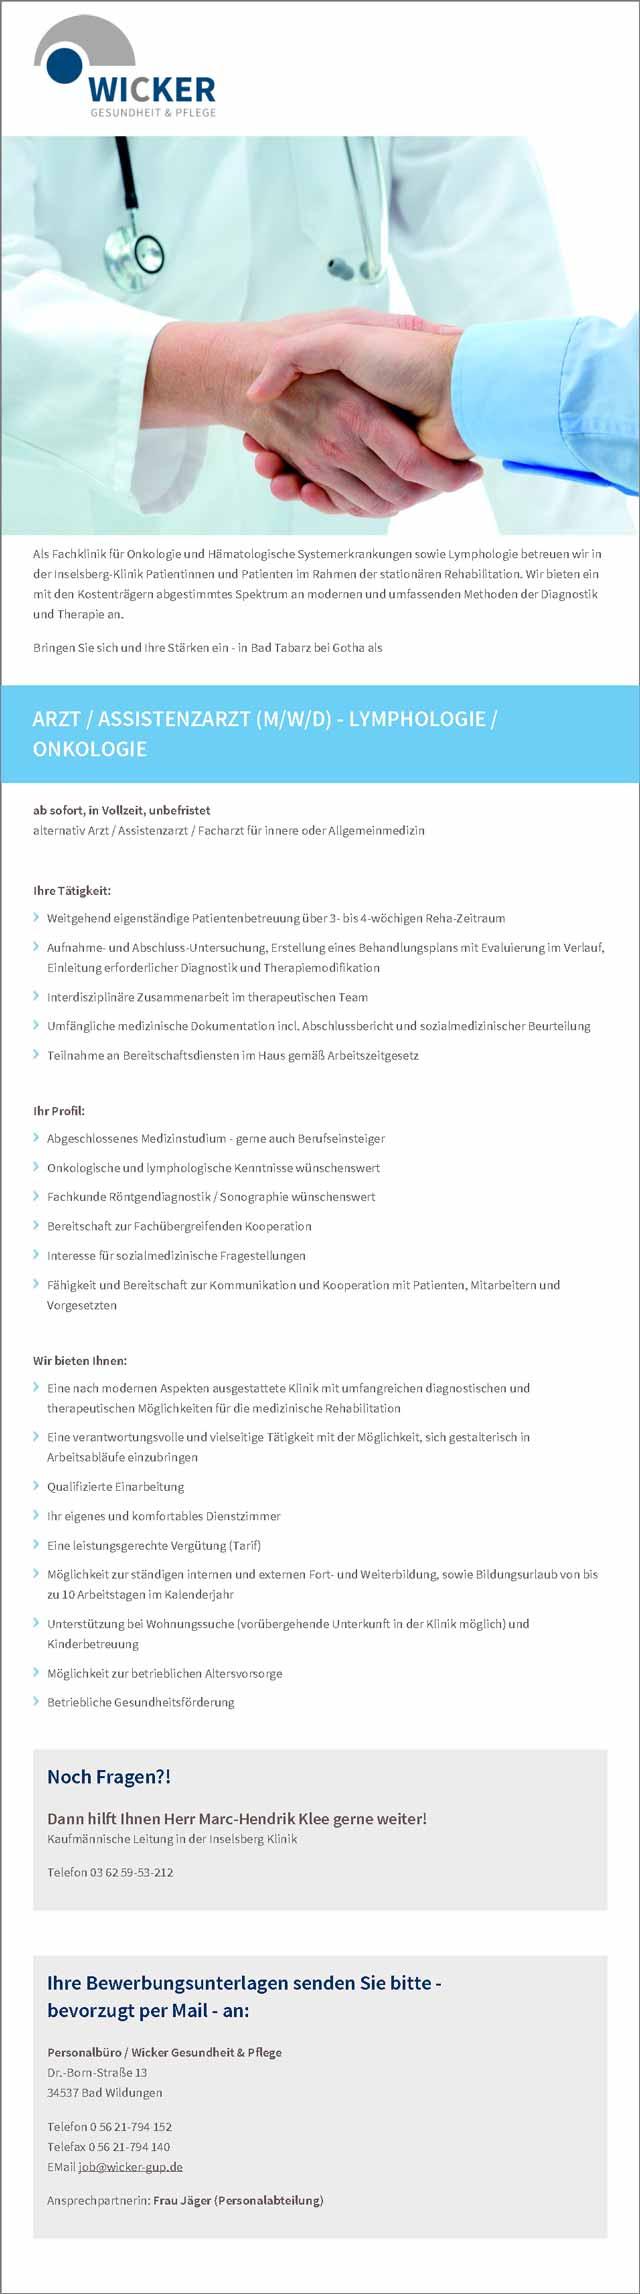 Wicker - Gesundheit und Pflege: Arzt / Assistenzarzt (m/w/d)